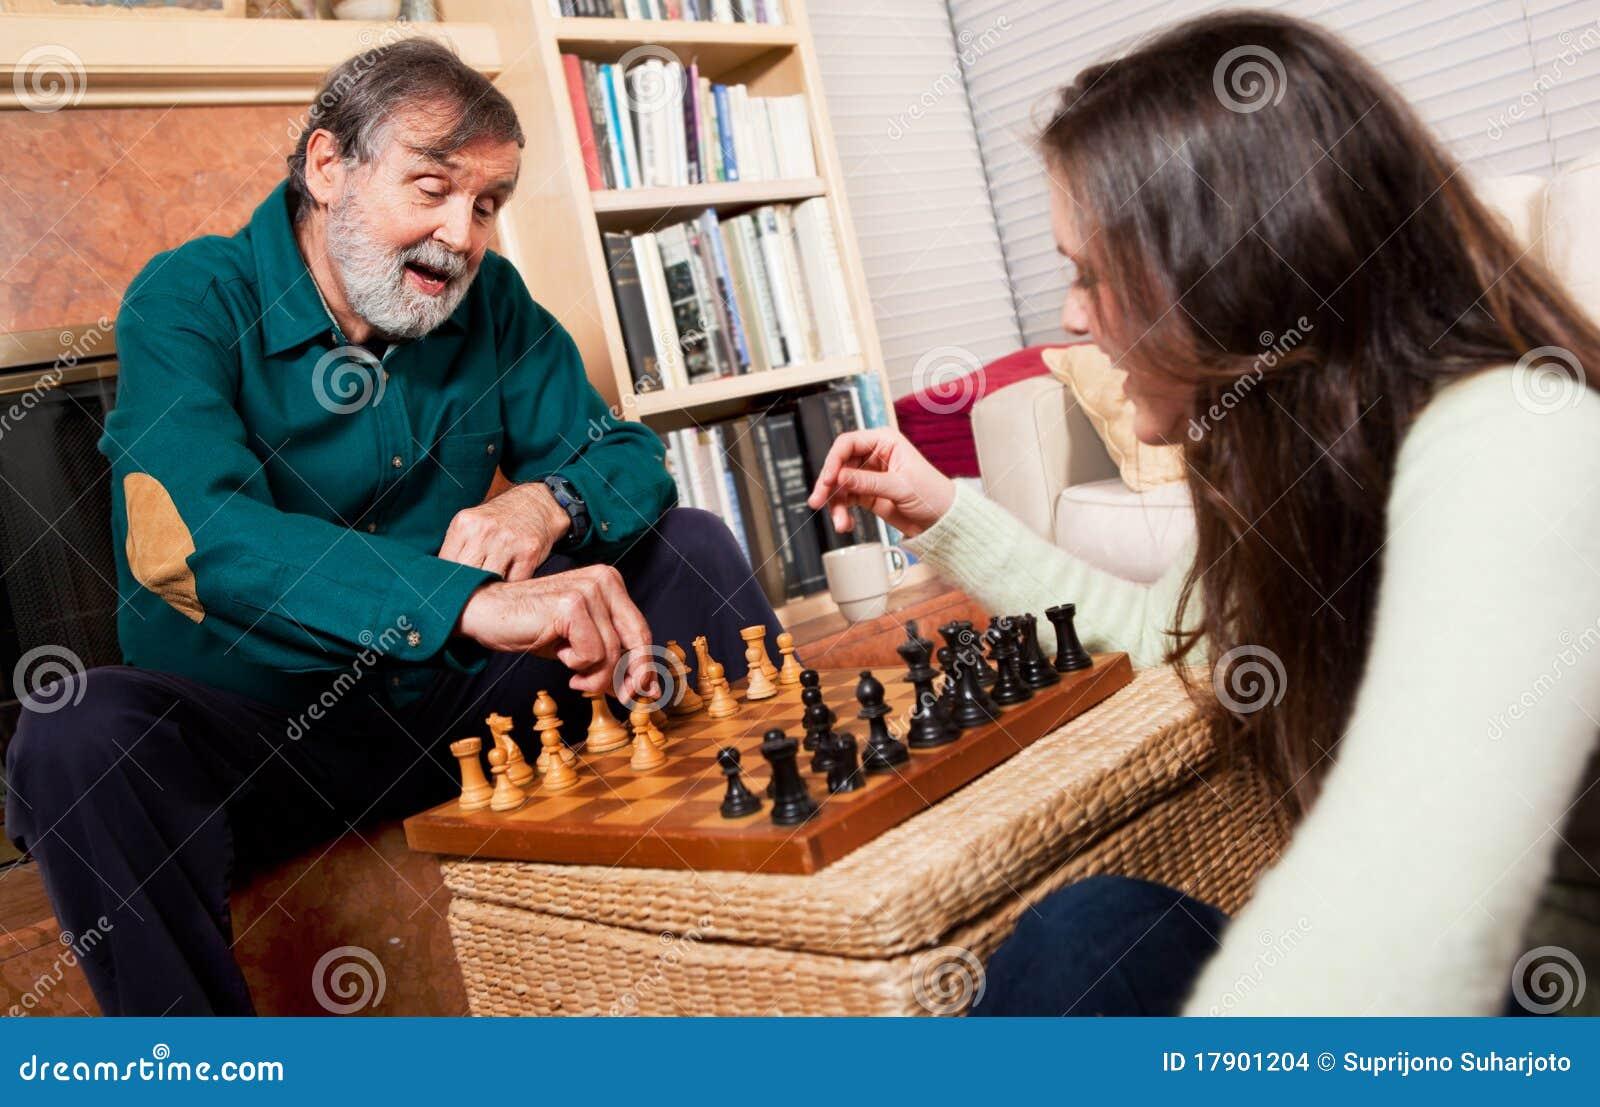 Hoger het spelen schaak